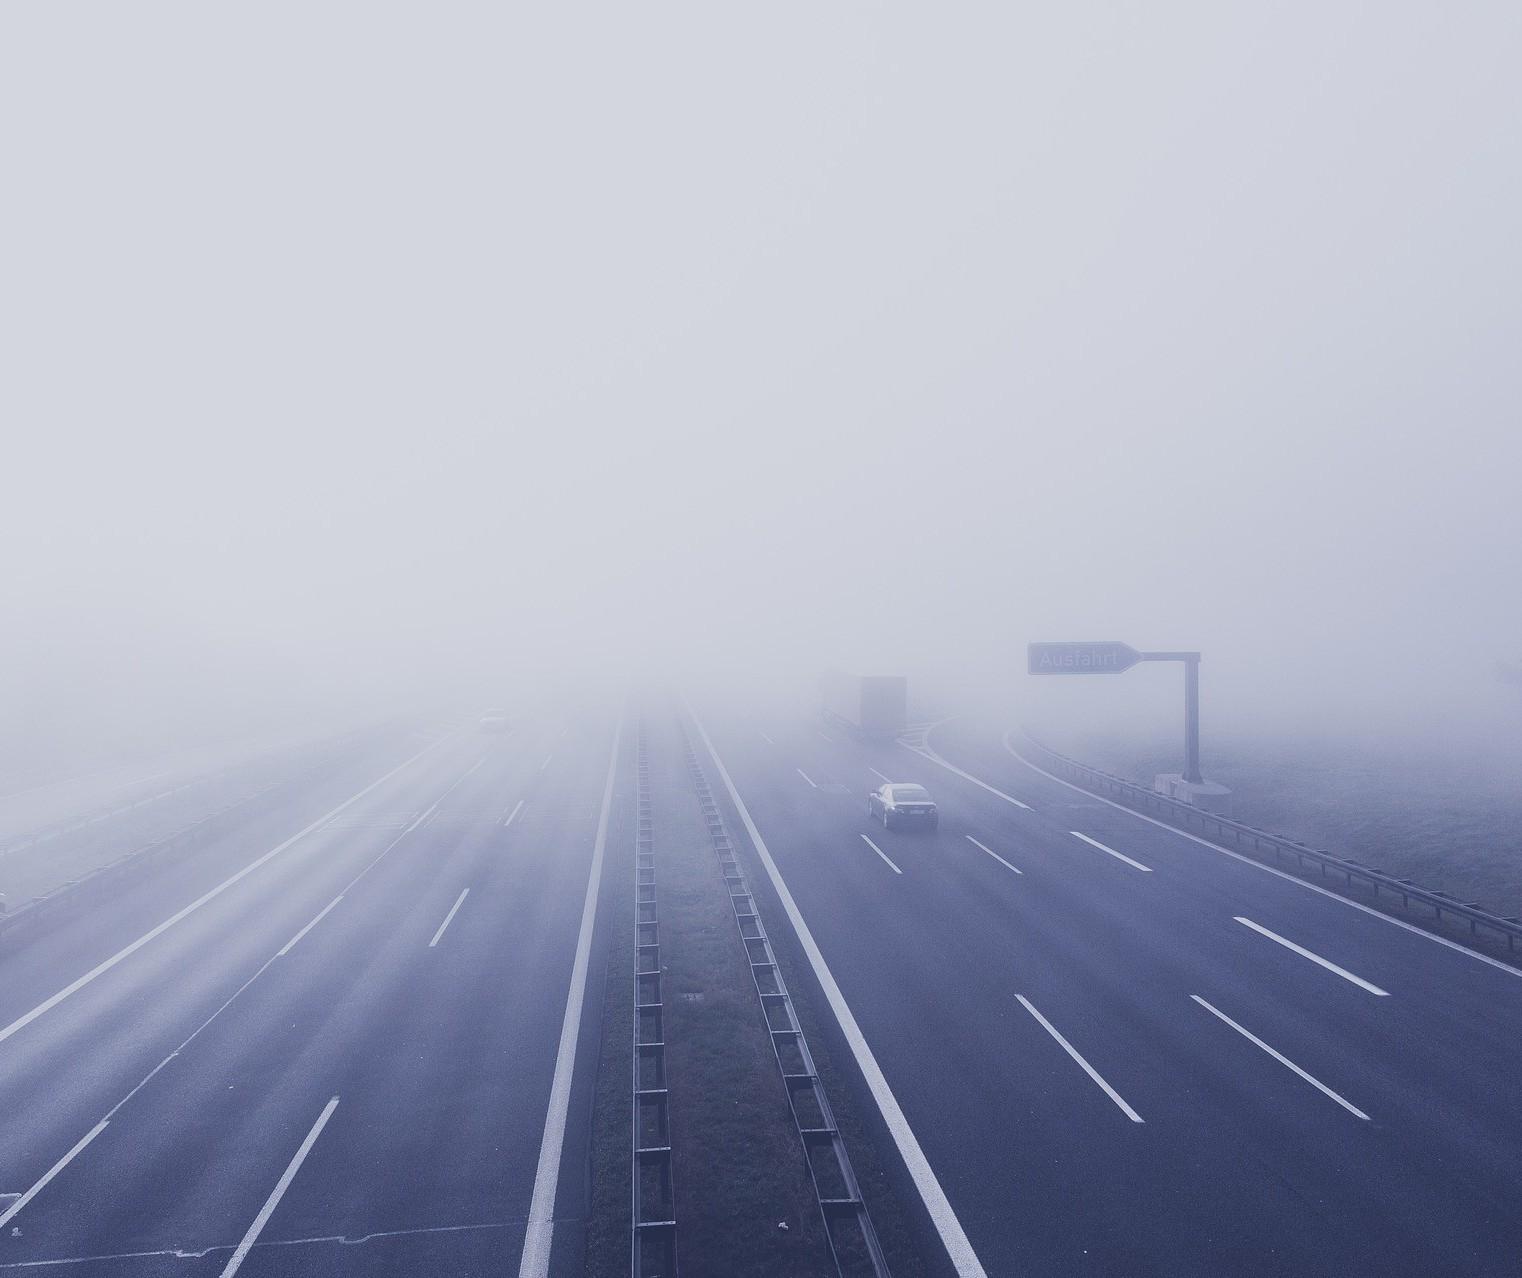 Como dirigir com baixa visibilidade? PRF dá dicas de segurança